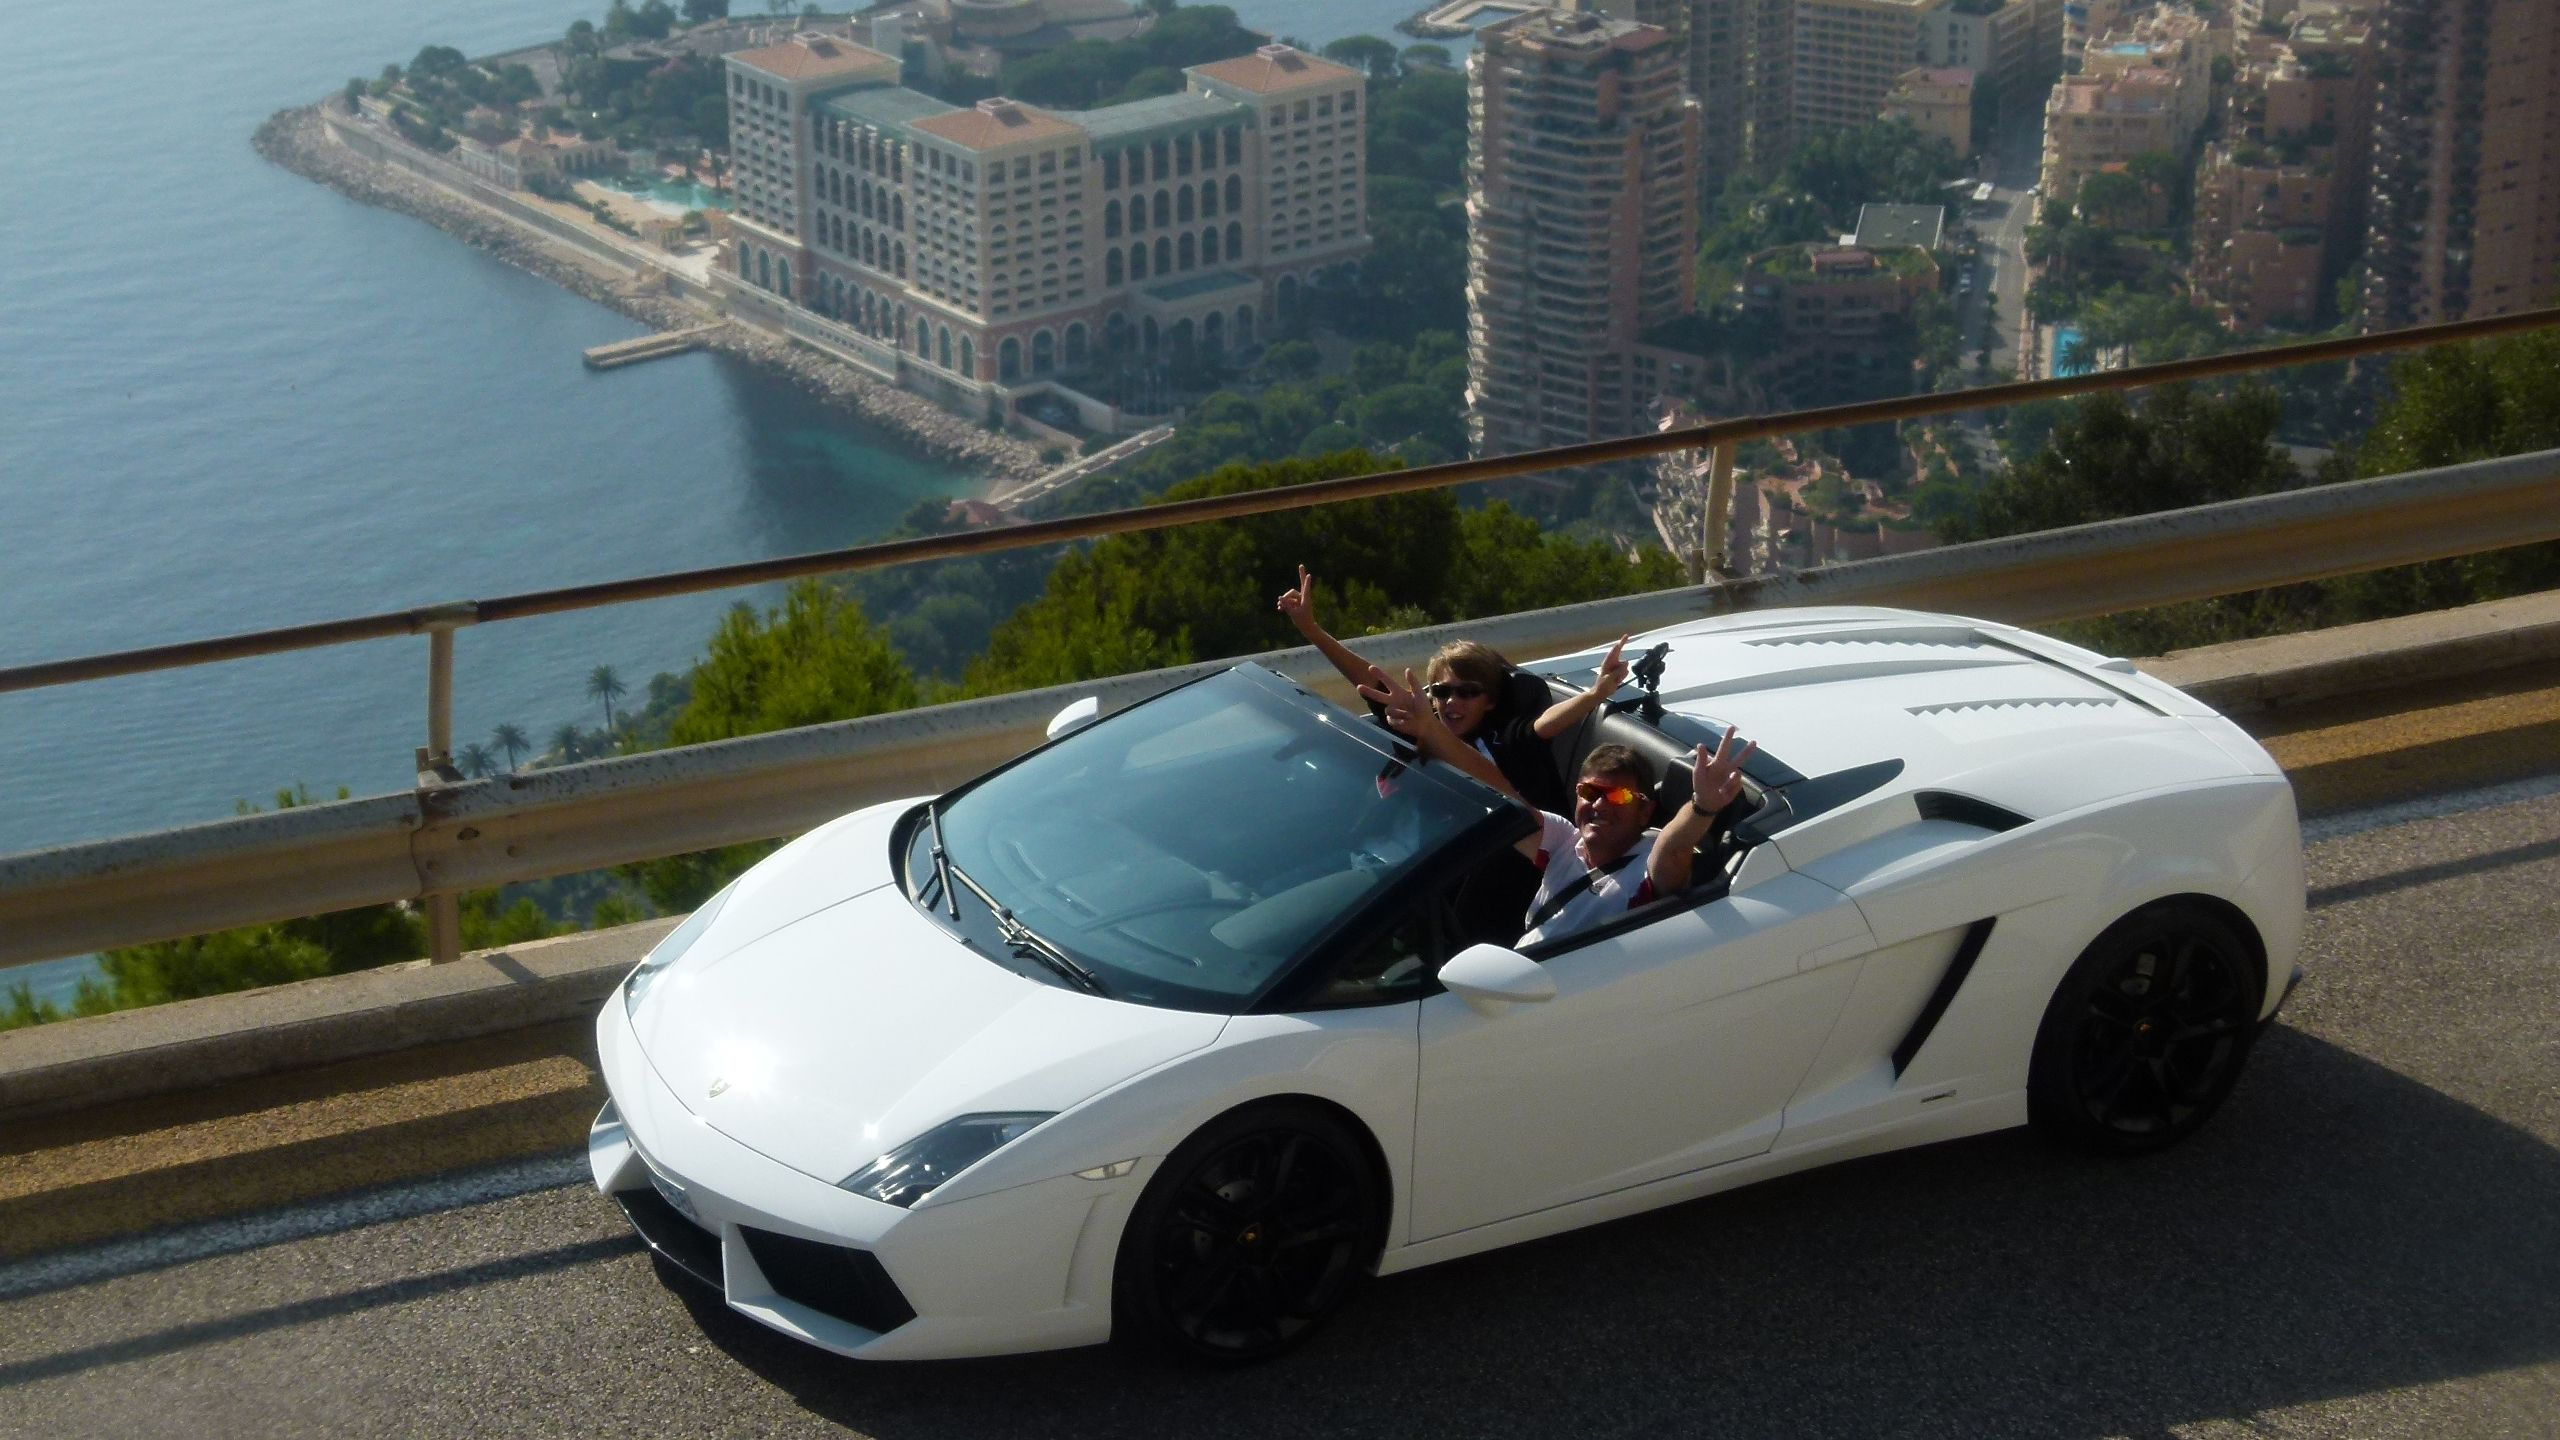 Guests driving a Lamborghini in Monaco